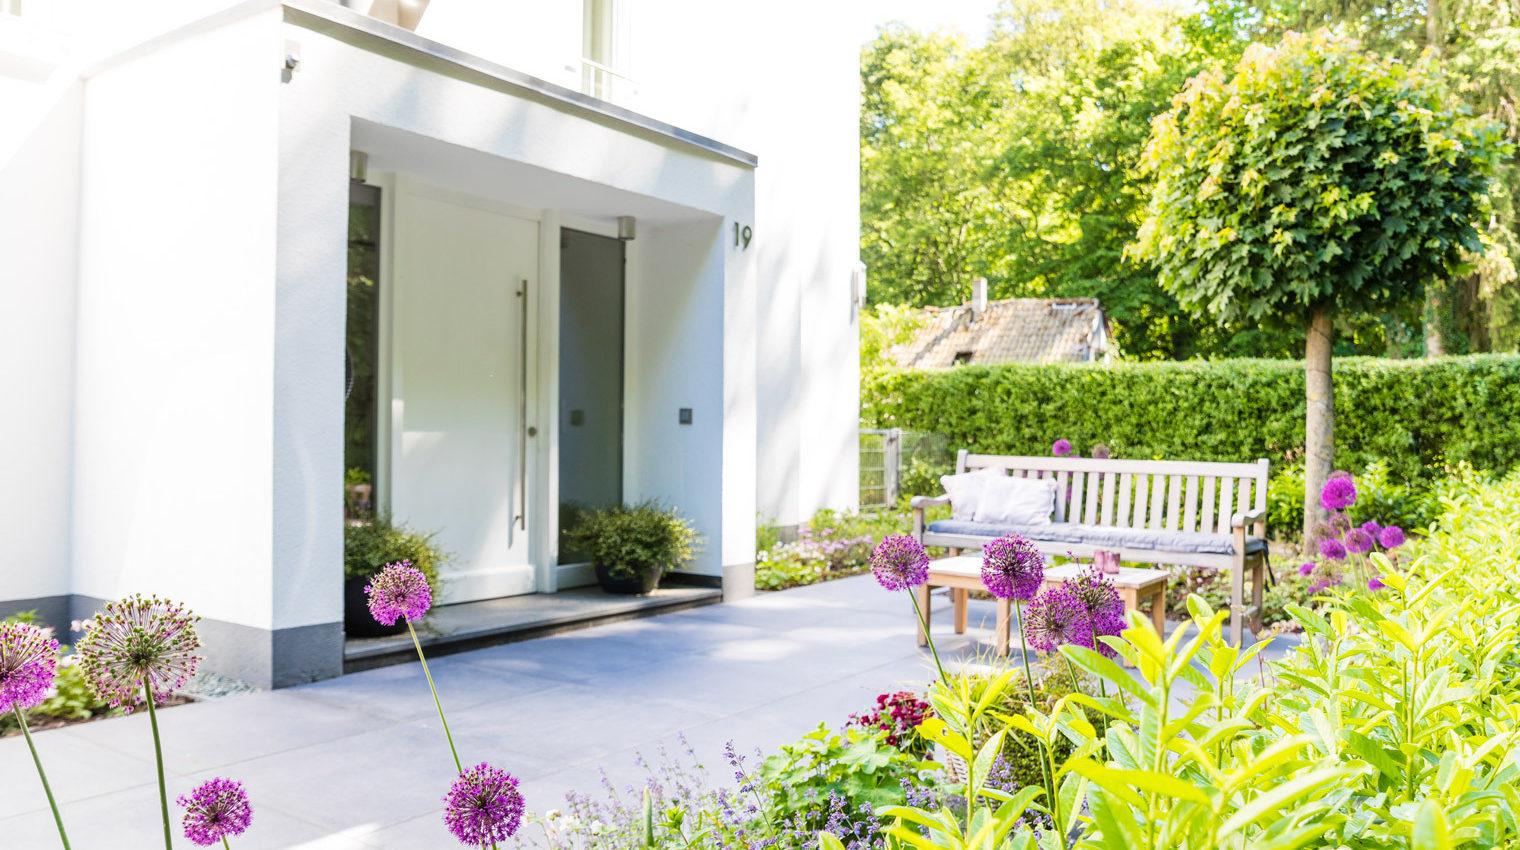 Gestaltung der Terrasse: Belag aus Stein vor Wohnhaus